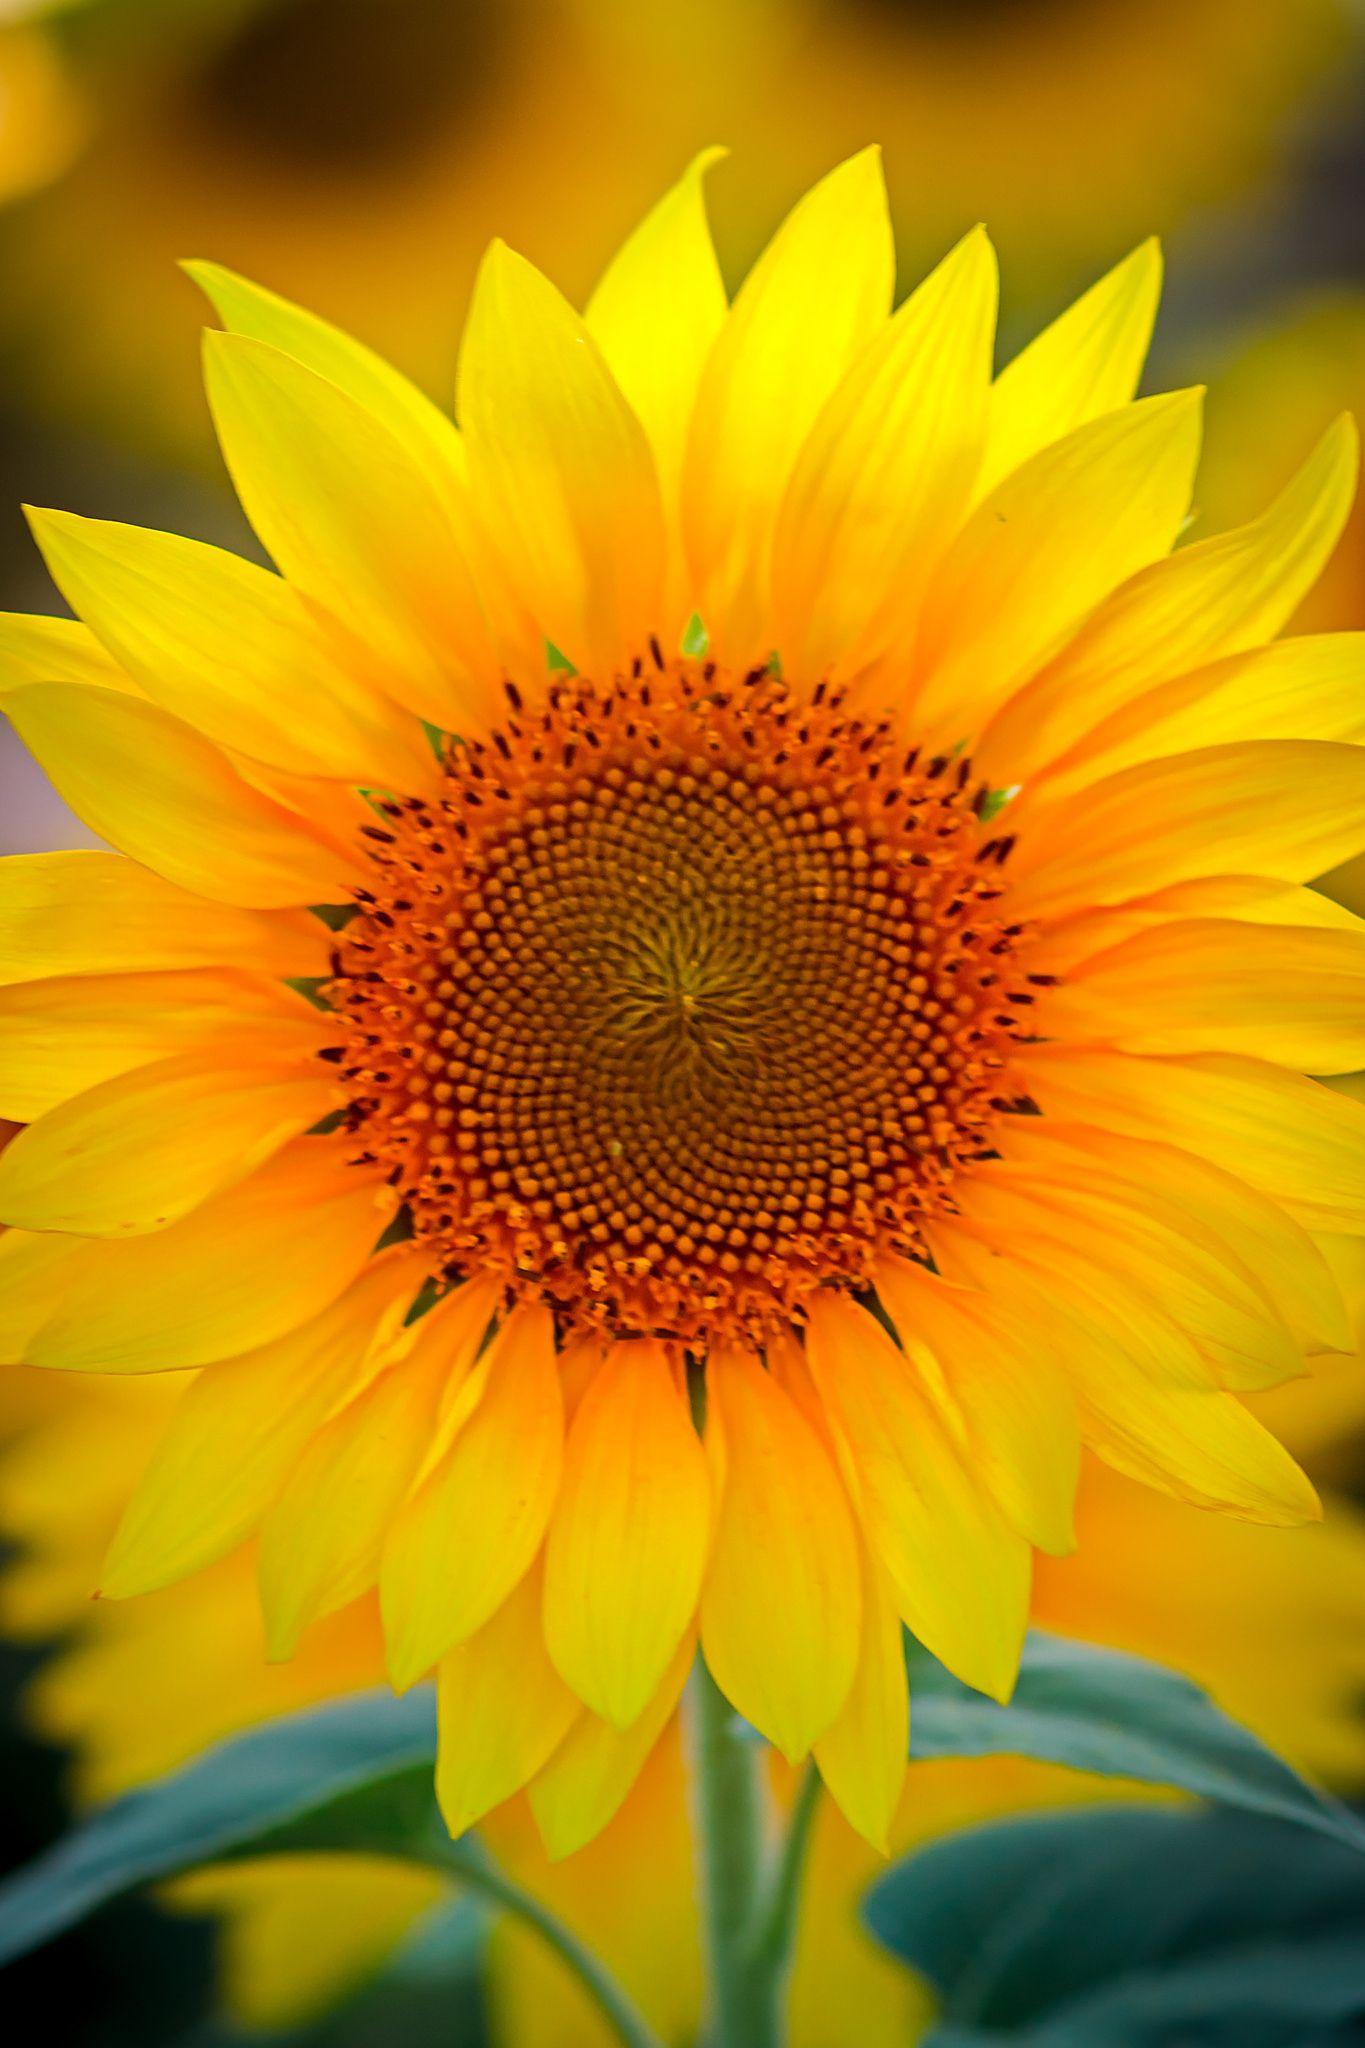 Sun Shine by William Colin  / 500px